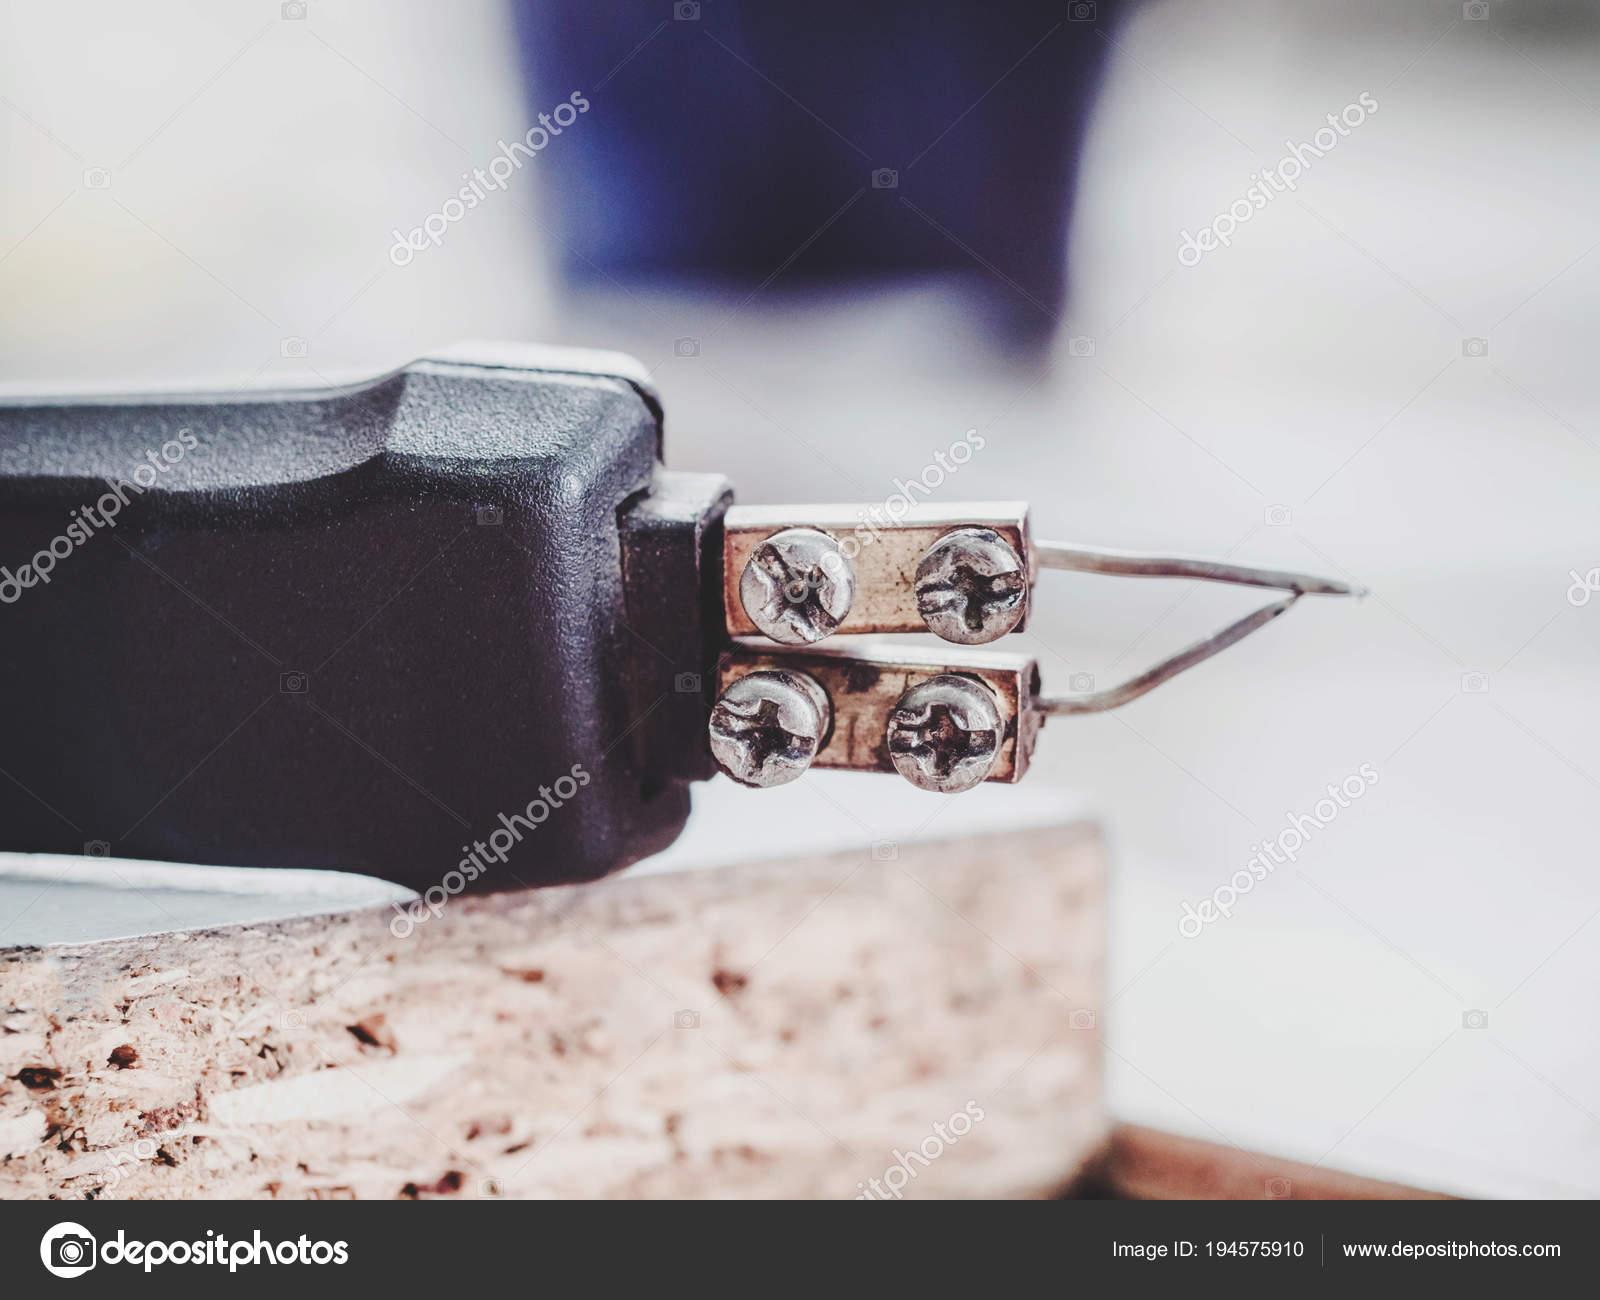 Gros Coup De Plume De Pyrogravure Instrument Pour Le Dessin